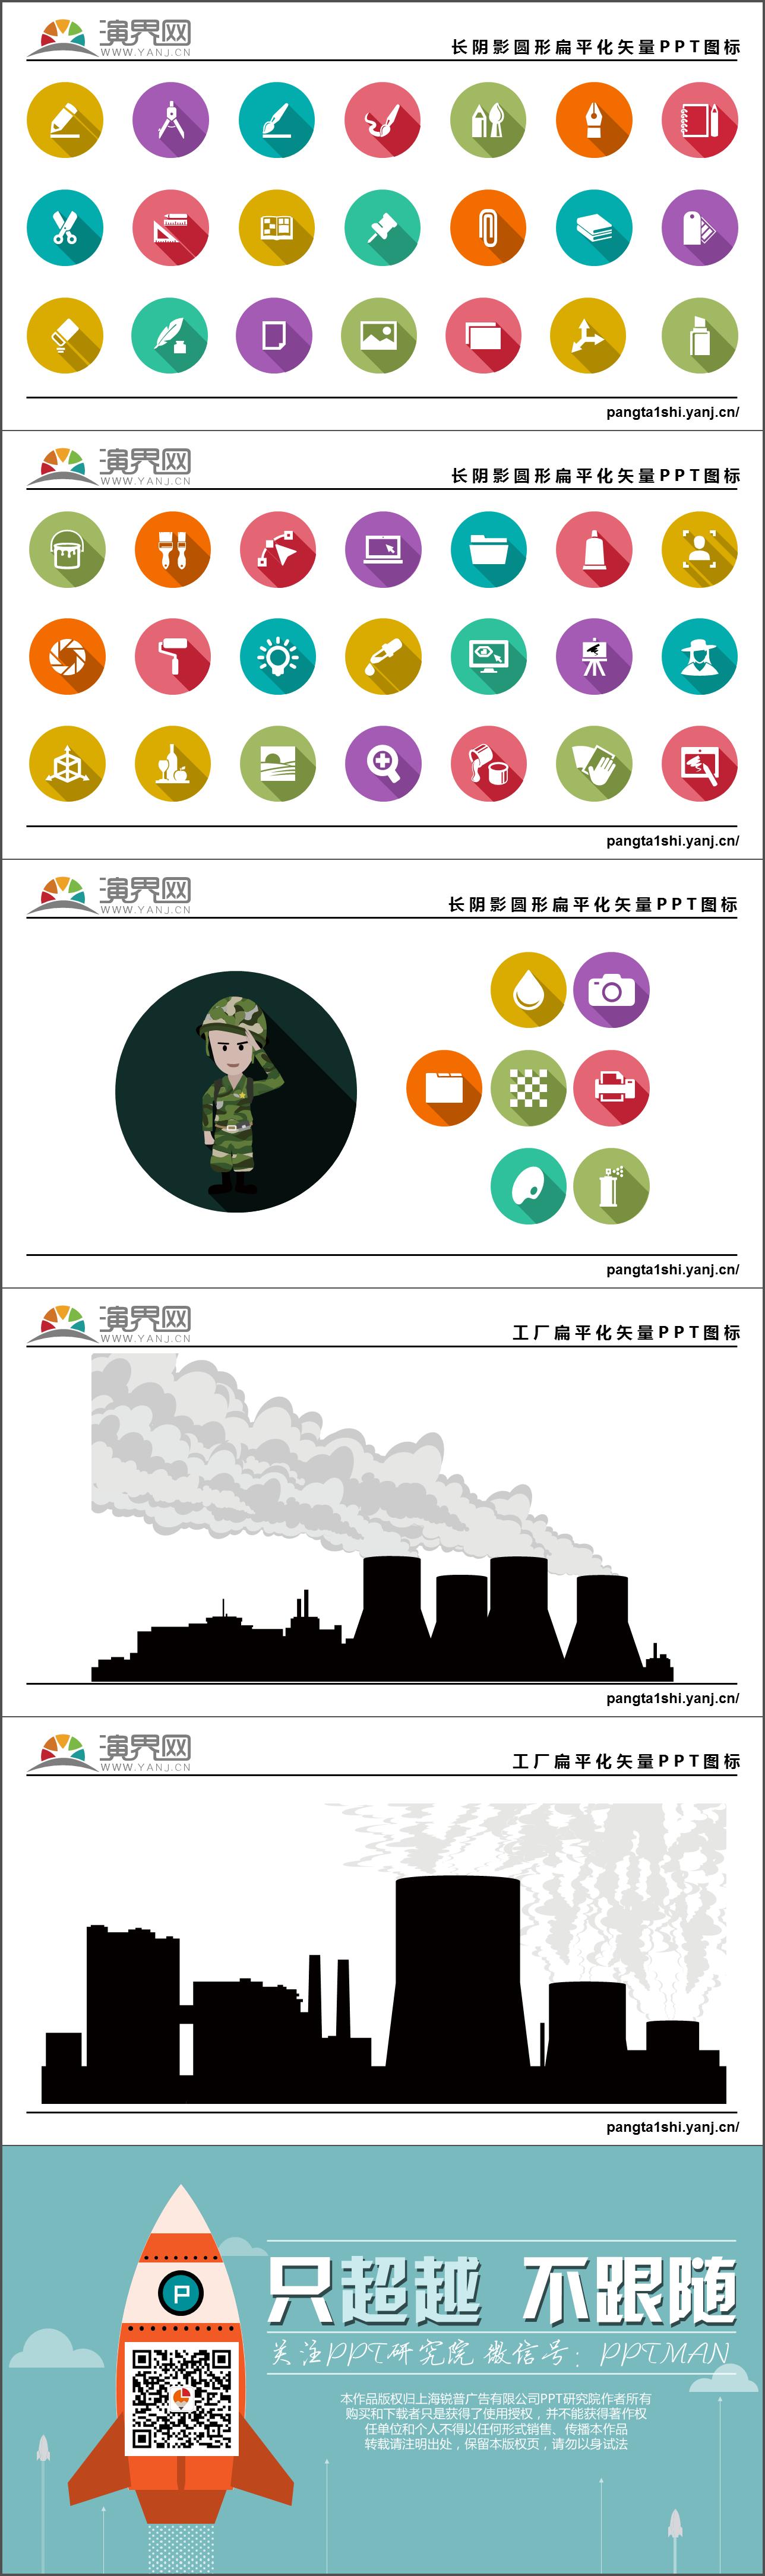 图片素材 长阴影圆形扁平化矢量ppt图标  商品标签: 矢量图标教育军事